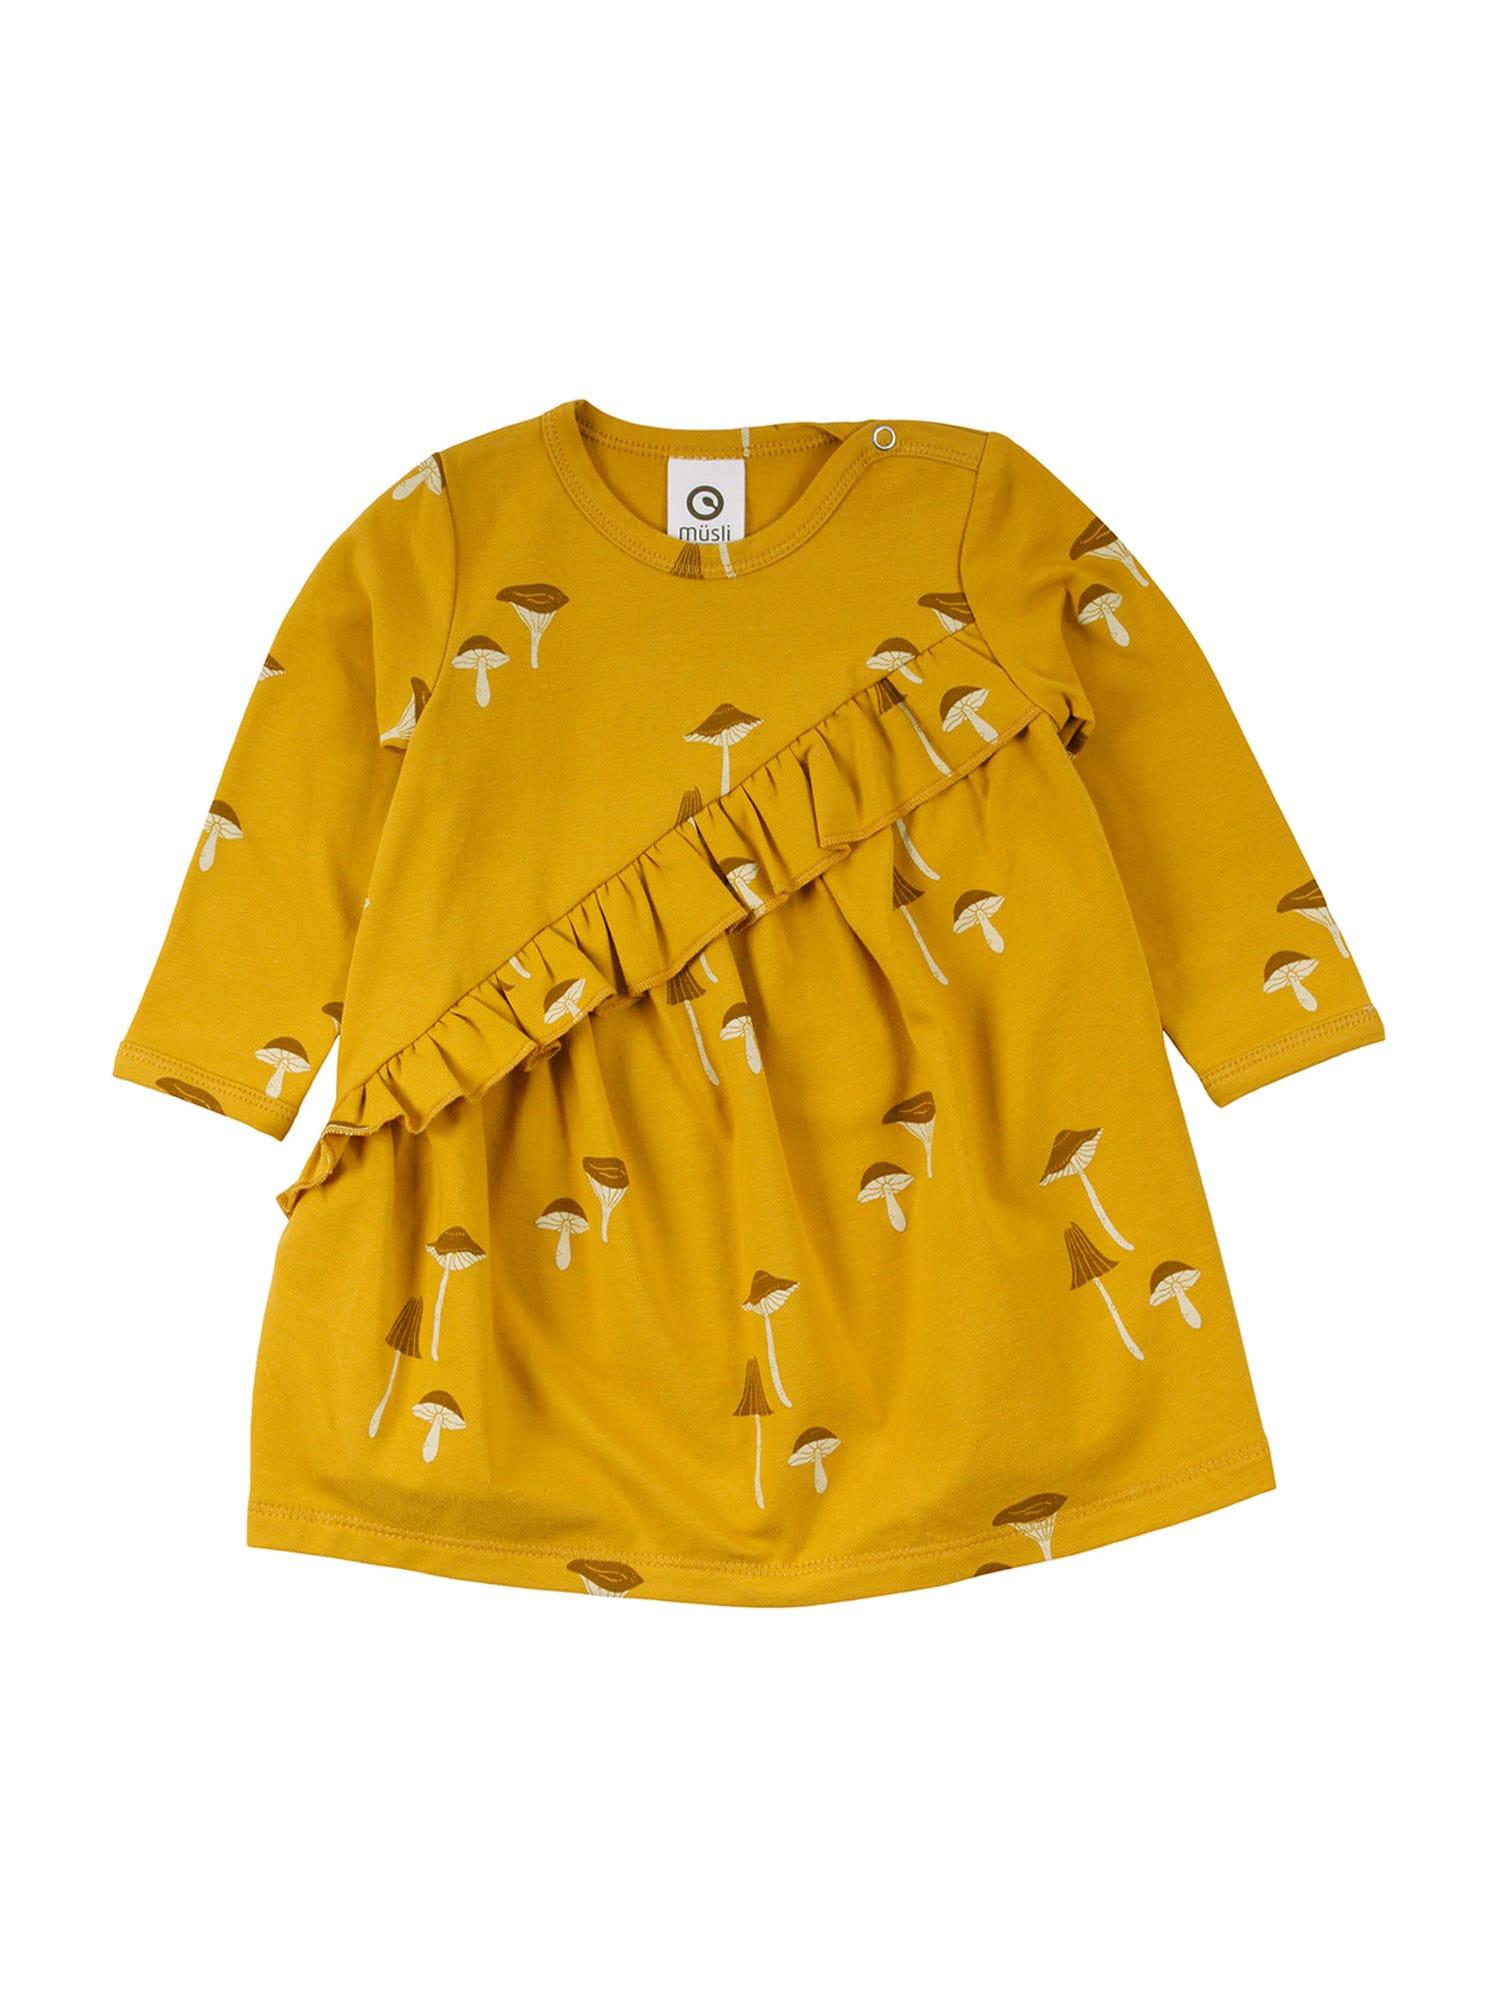 Müsli by GREEN COTTON Suknelė aukso geltonumo spalva / šviesiai geltona / rusvai oranžinė